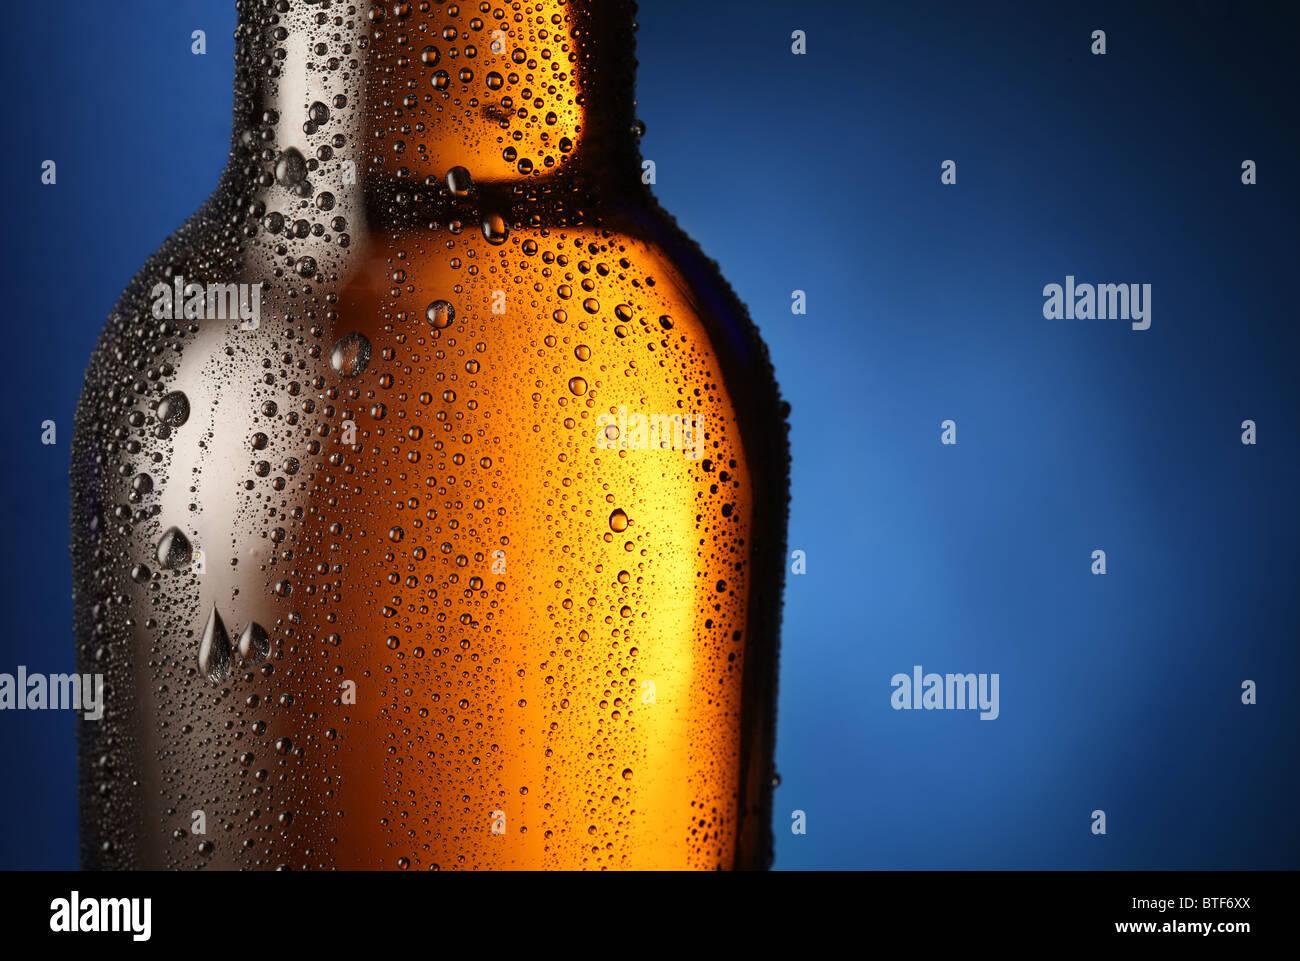 Eine Flasche Bier mit Tropfen auf einem blauen Hintergrund. Hautnah Teil der Flasche. Stockbild